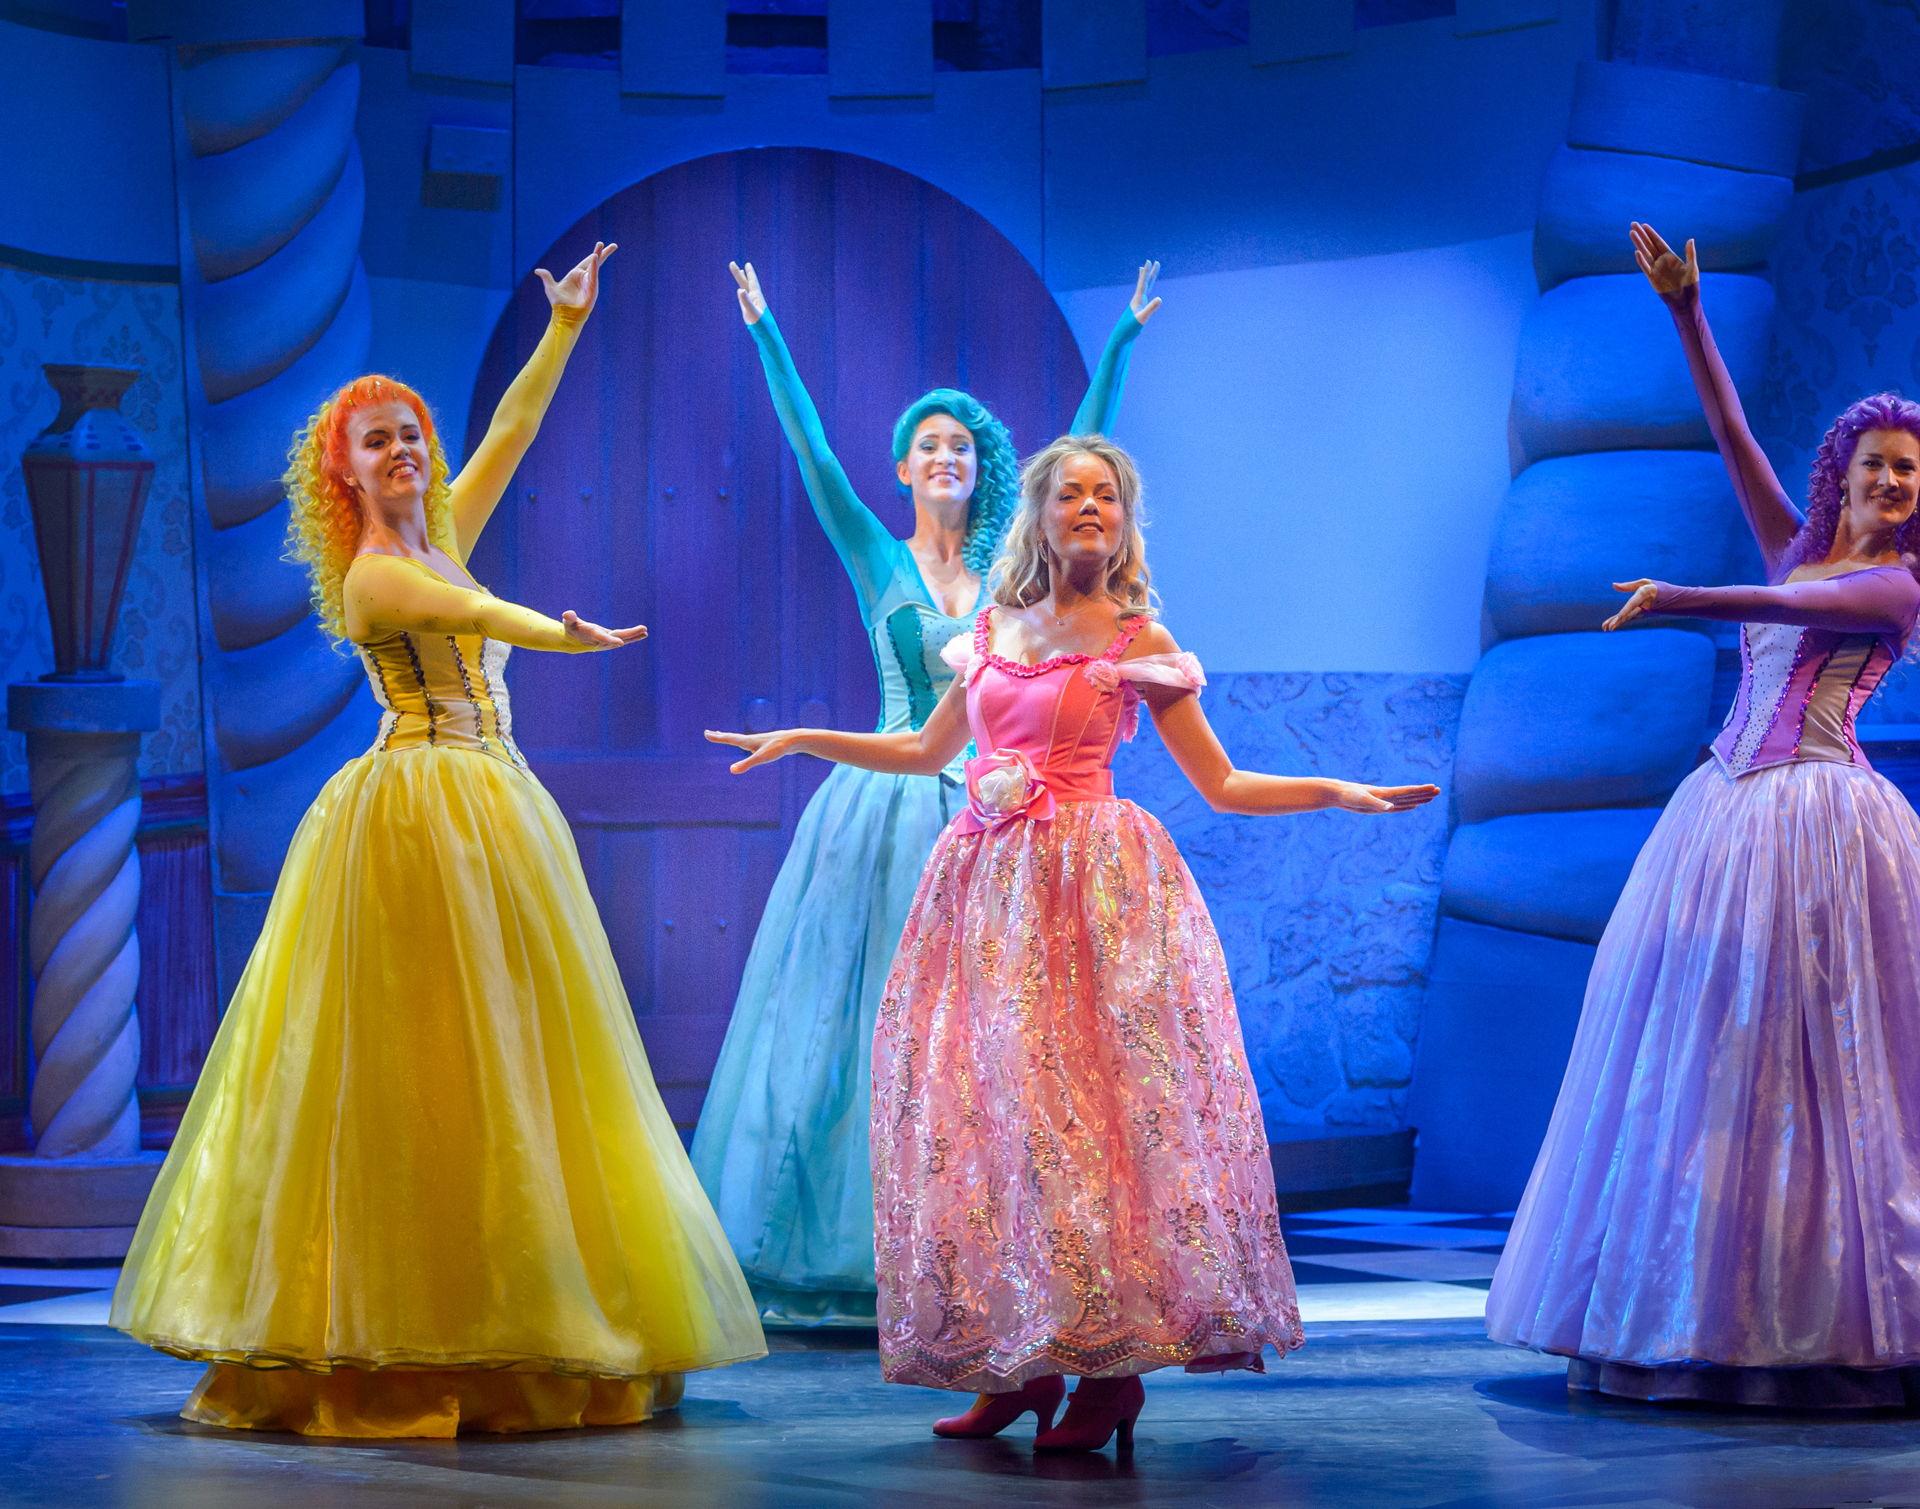 Sita Vermeulen speelt de hoofdrol in Doornroosje de Musical van Van Hoorne Entertainment.